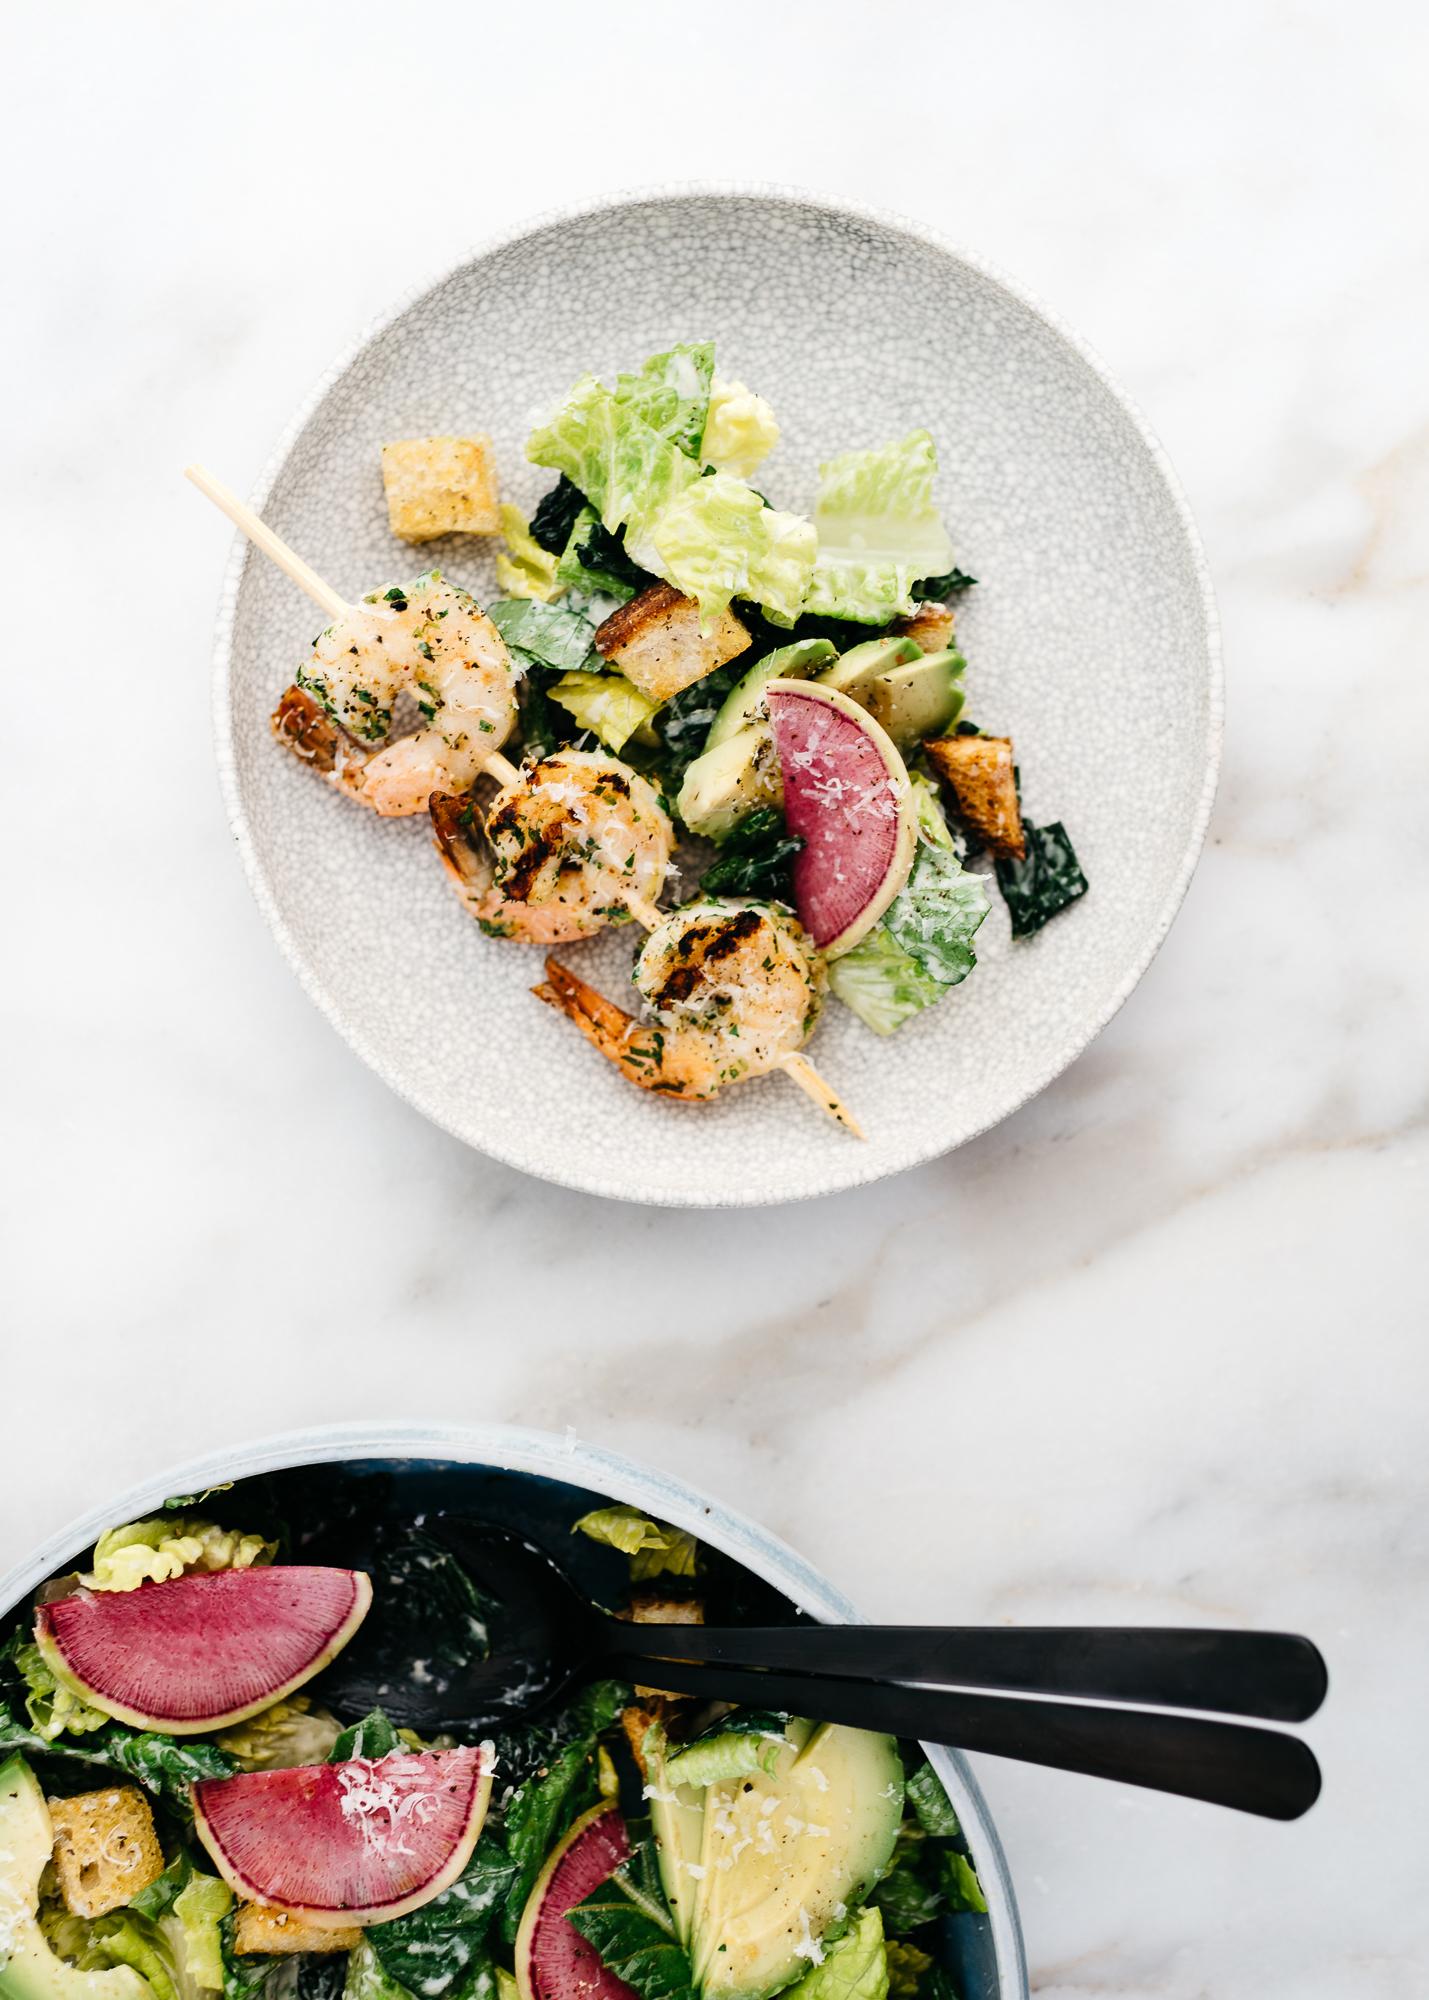 kate-caesar-salad-6.jpg